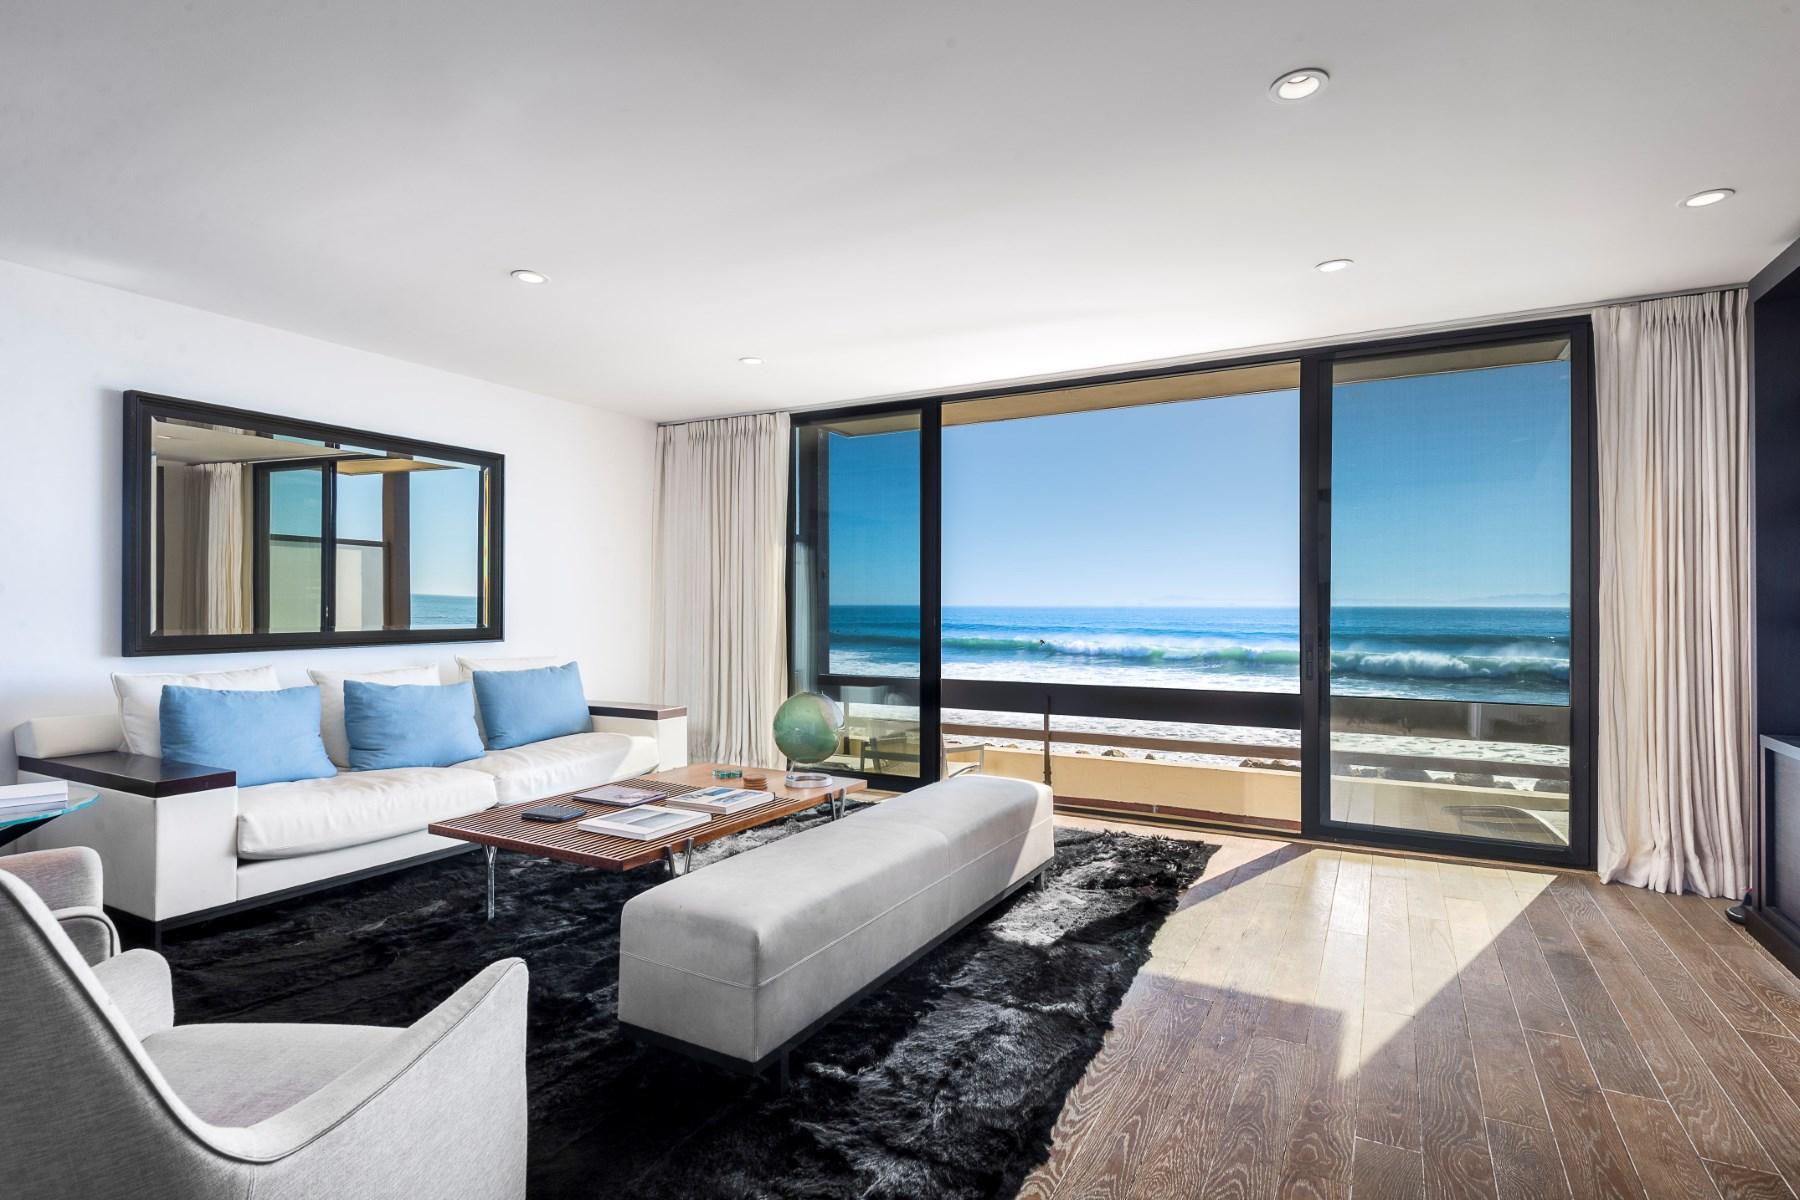 Eigentumswohnung für Verkauf beim Montecito Oceanfront Condo Montecito - Lower Village, Montecito, Kalifornien 93108 Vereinigte Staaten